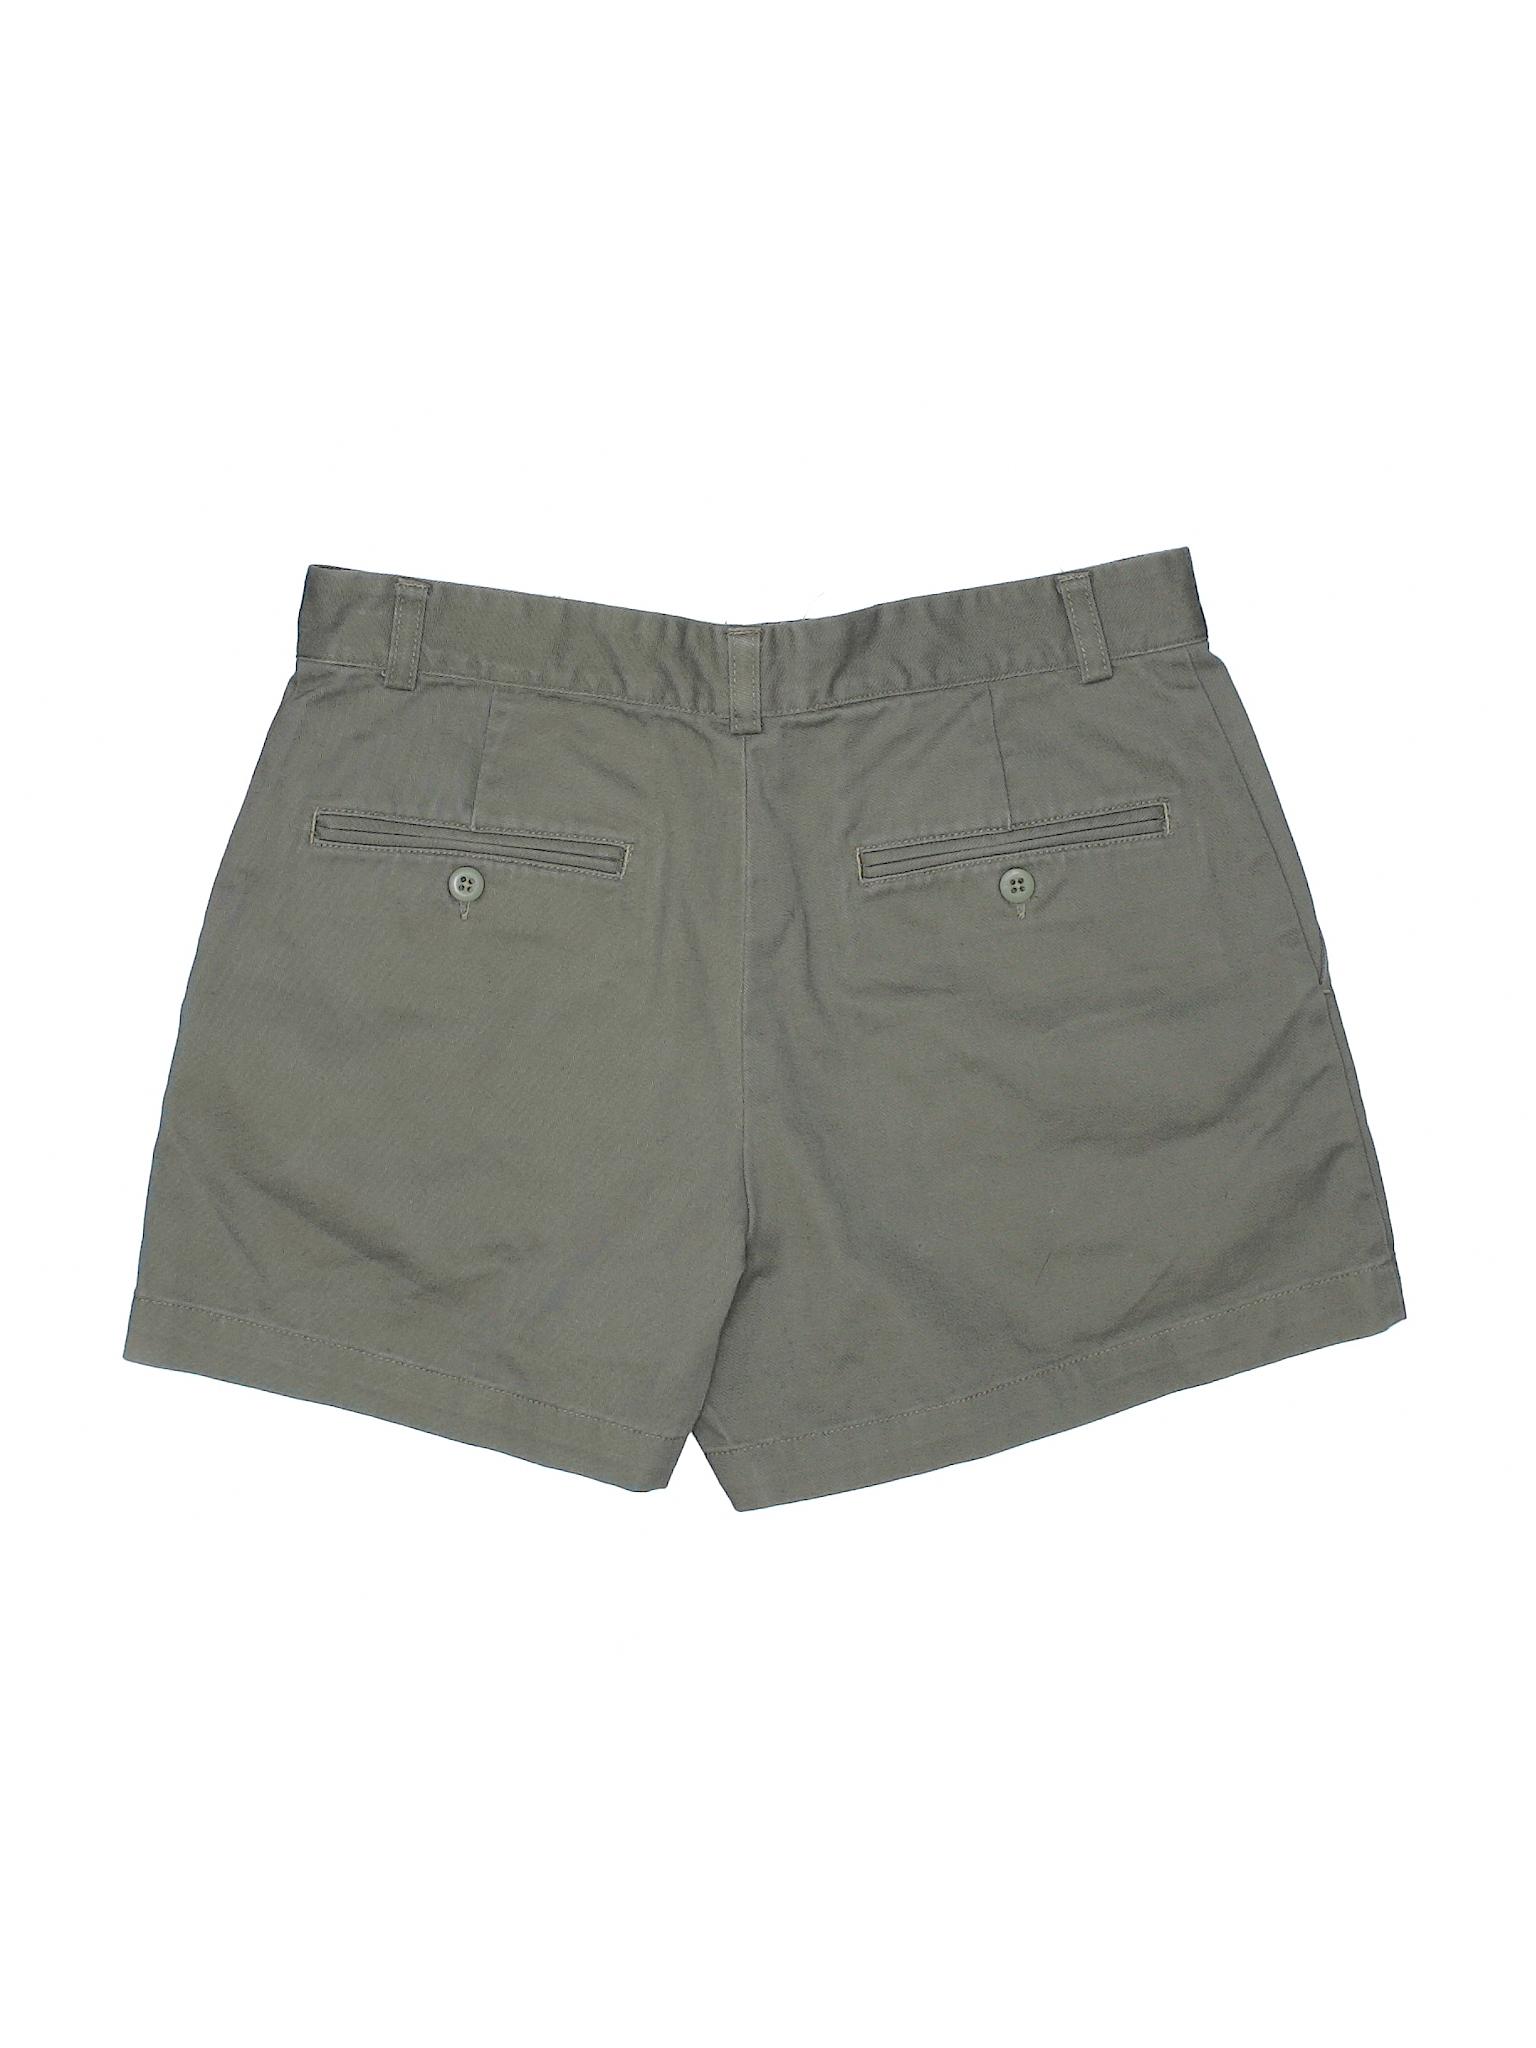 Shorts Leisure winter Khaki Lauren Ralph Xx7qWFw40